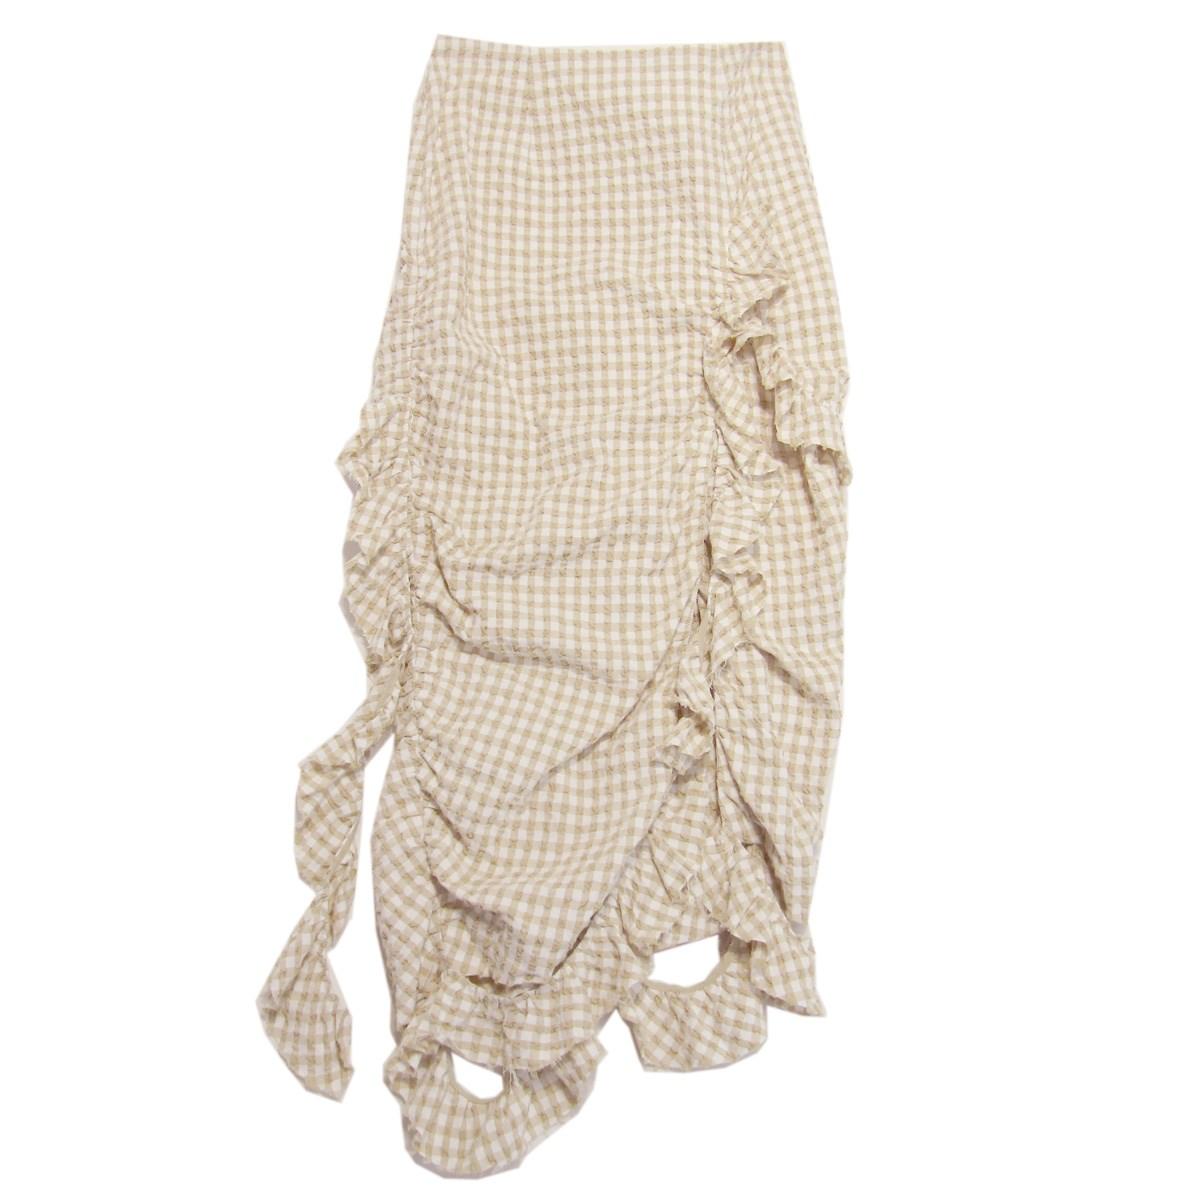 【中古】IRENE 2019SS Gingham Check Skirt ギンガムチェックスカート ベージュ サイズ:38 【250320】(アイレネ)